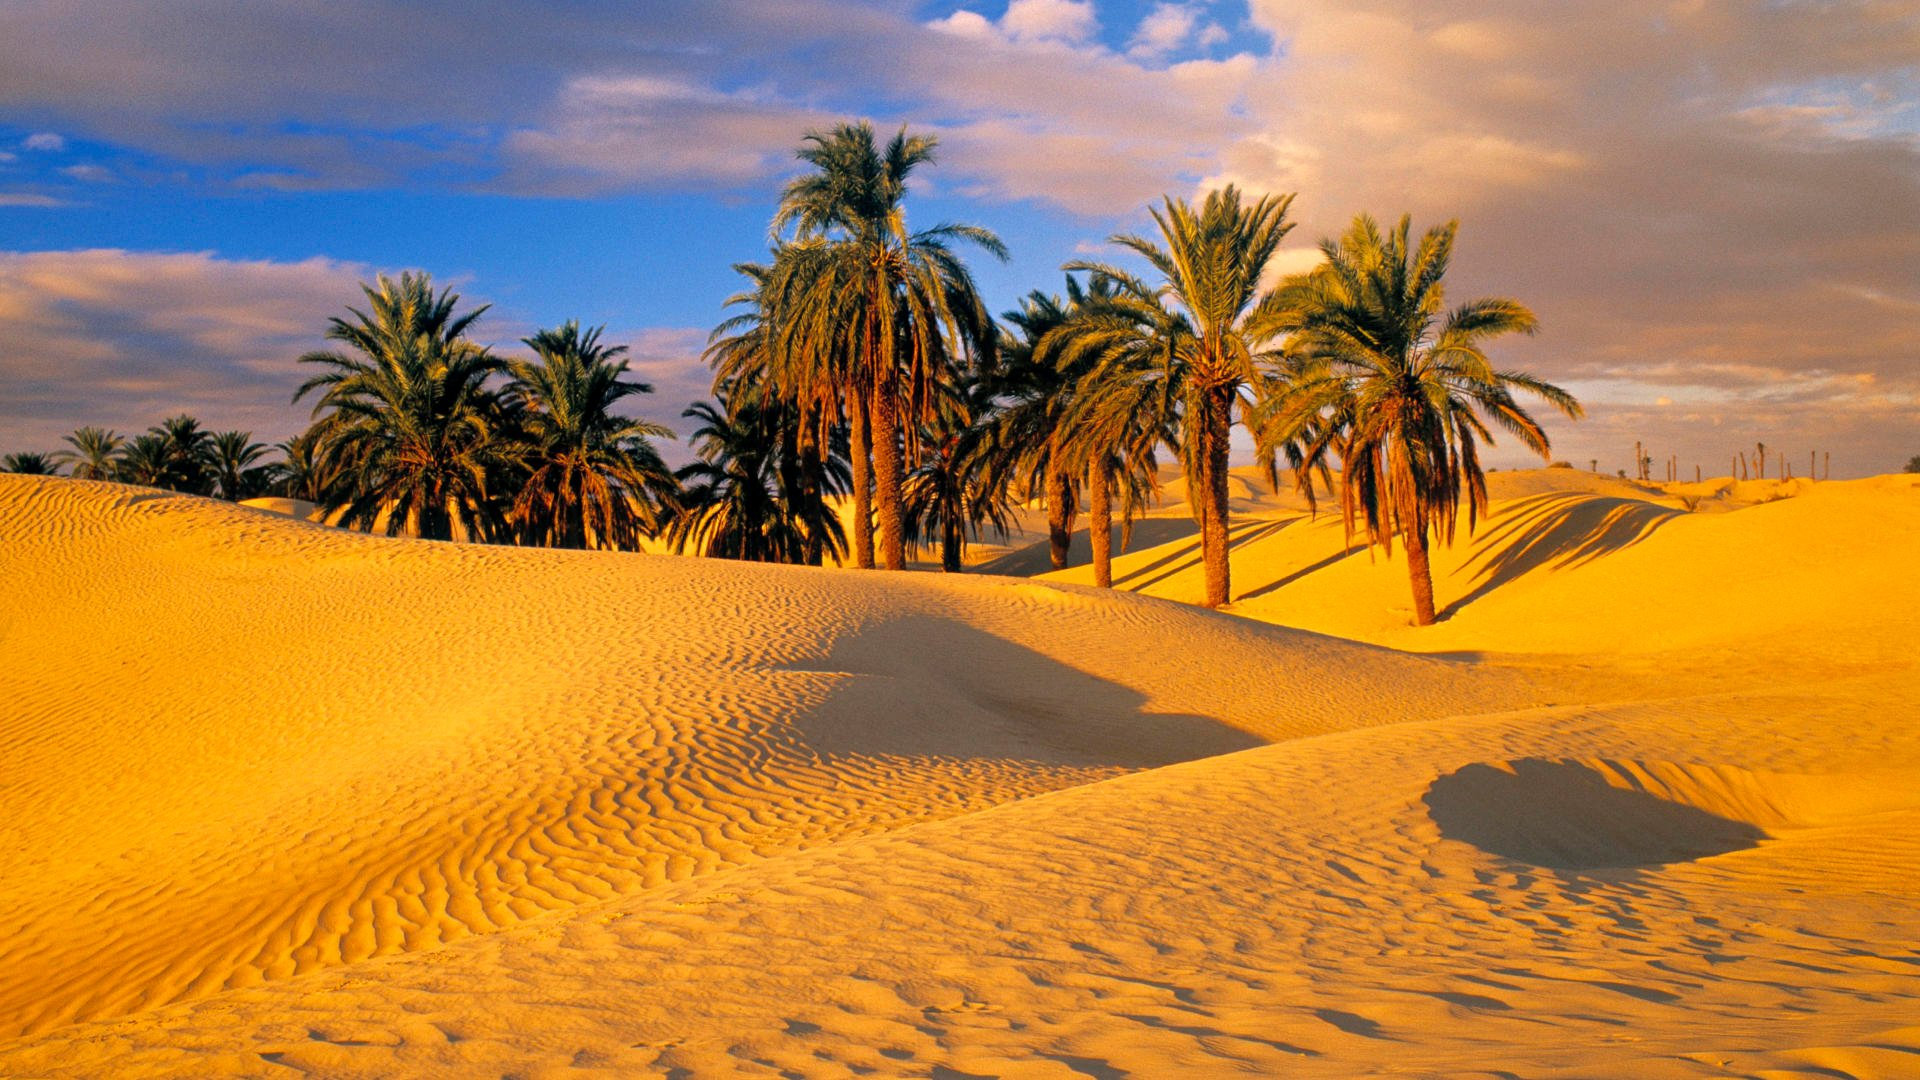 Desert Oasis Wallpaper - WallpaperSafari